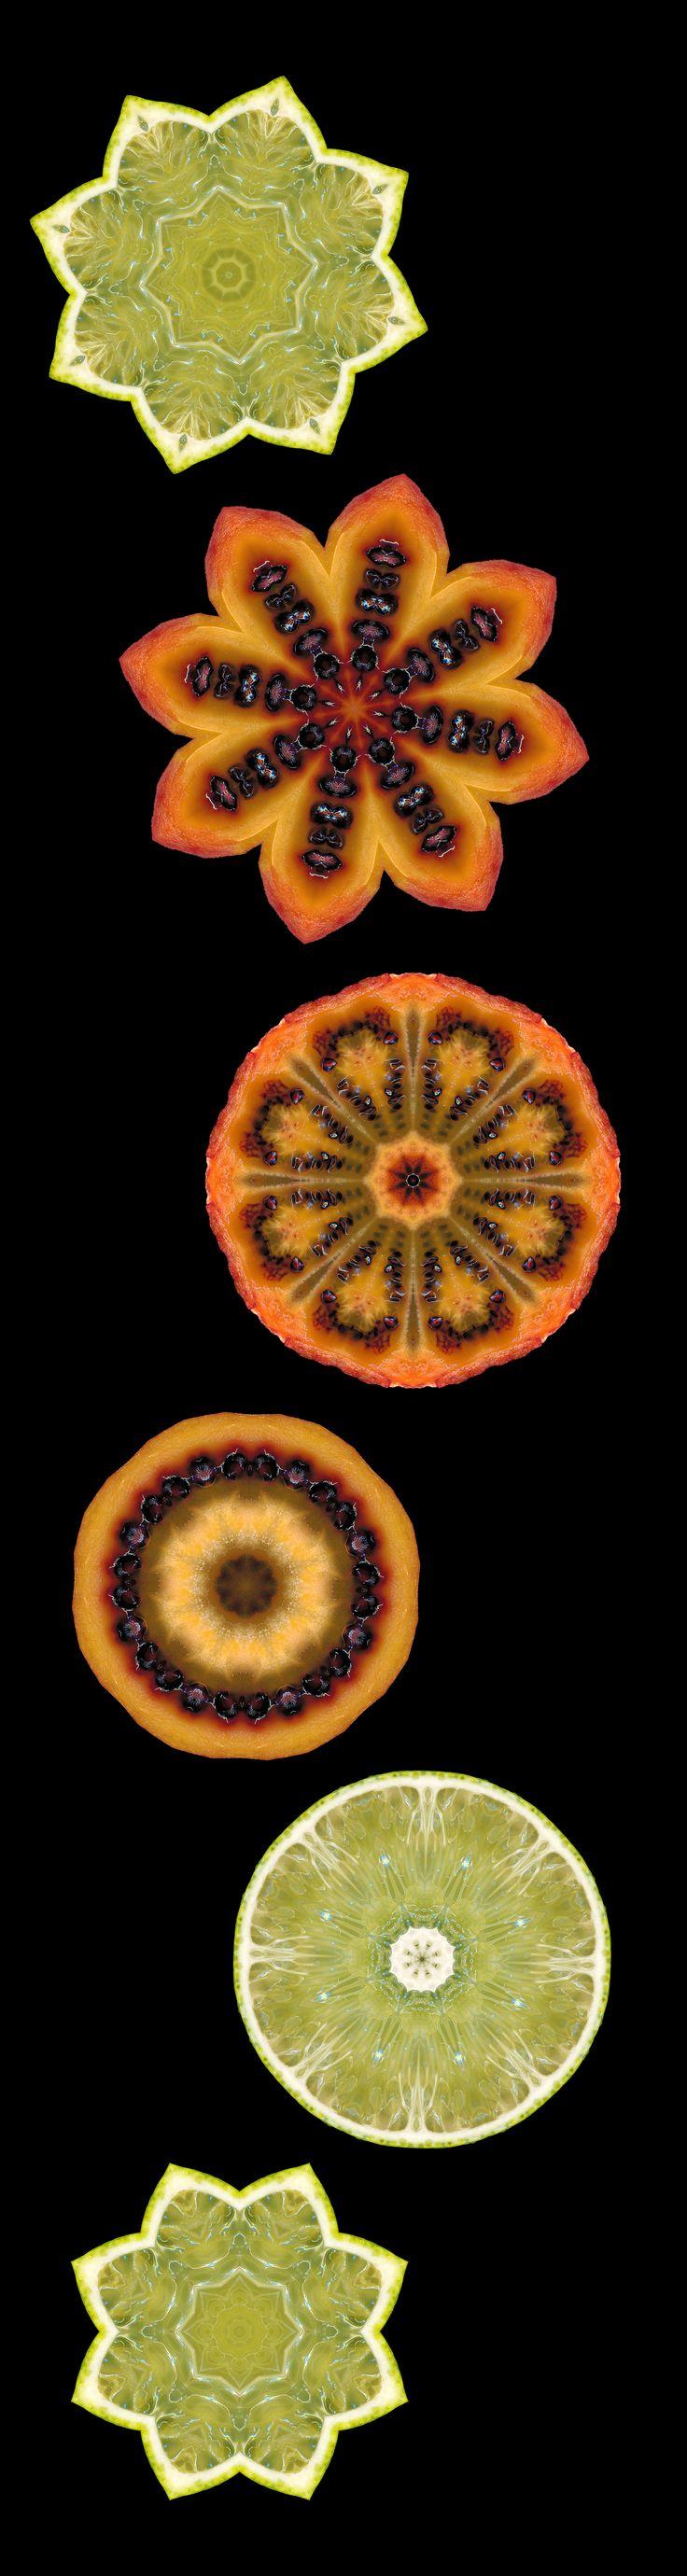 Kaleidoscans | Sash Segal | kaleidoscope images made from scanned lemons and tamarillos